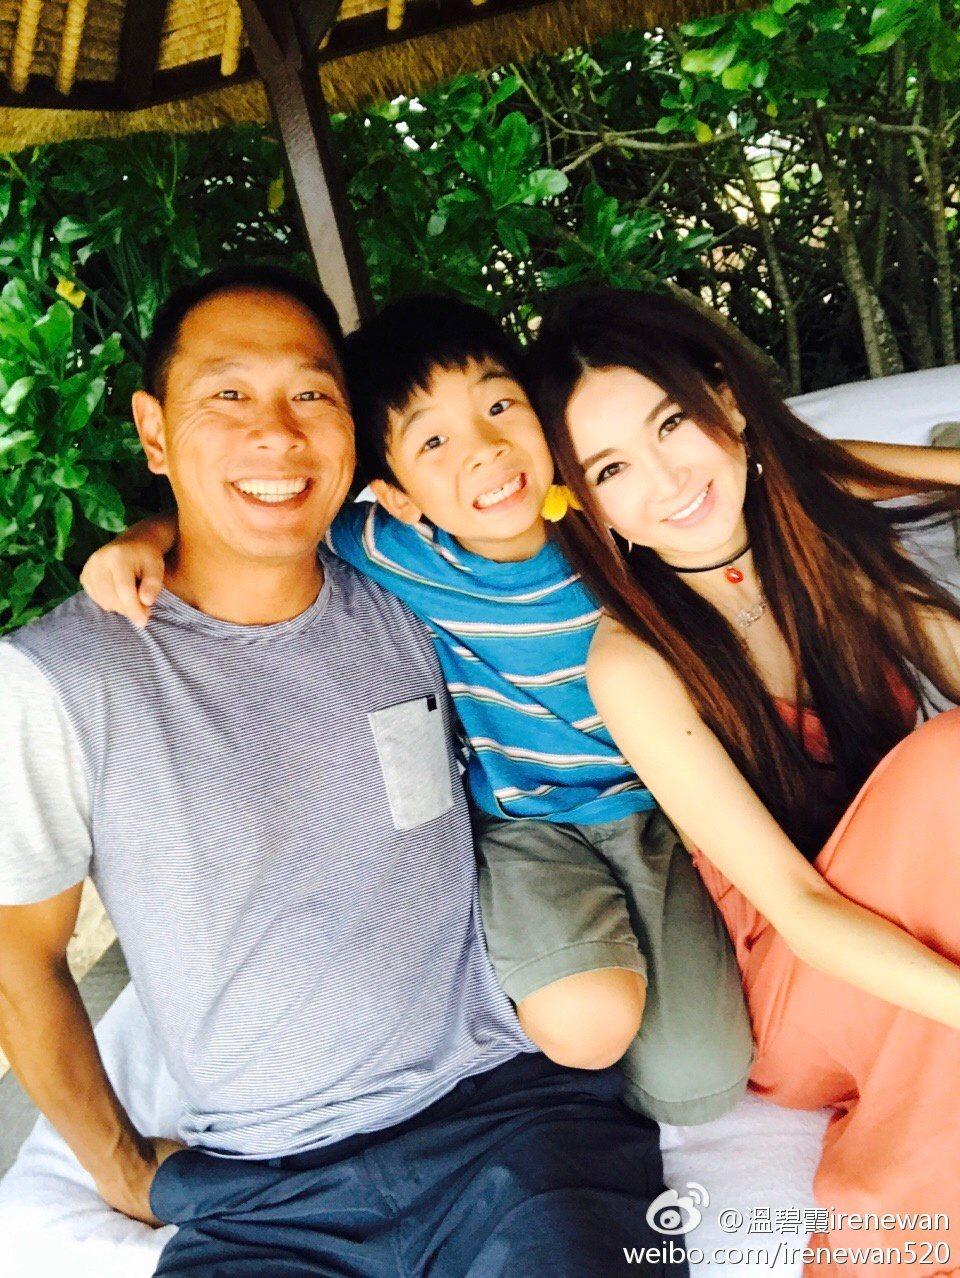 溫碧霞與丈夫、養子曾經和樂融融。圖/摘自微博